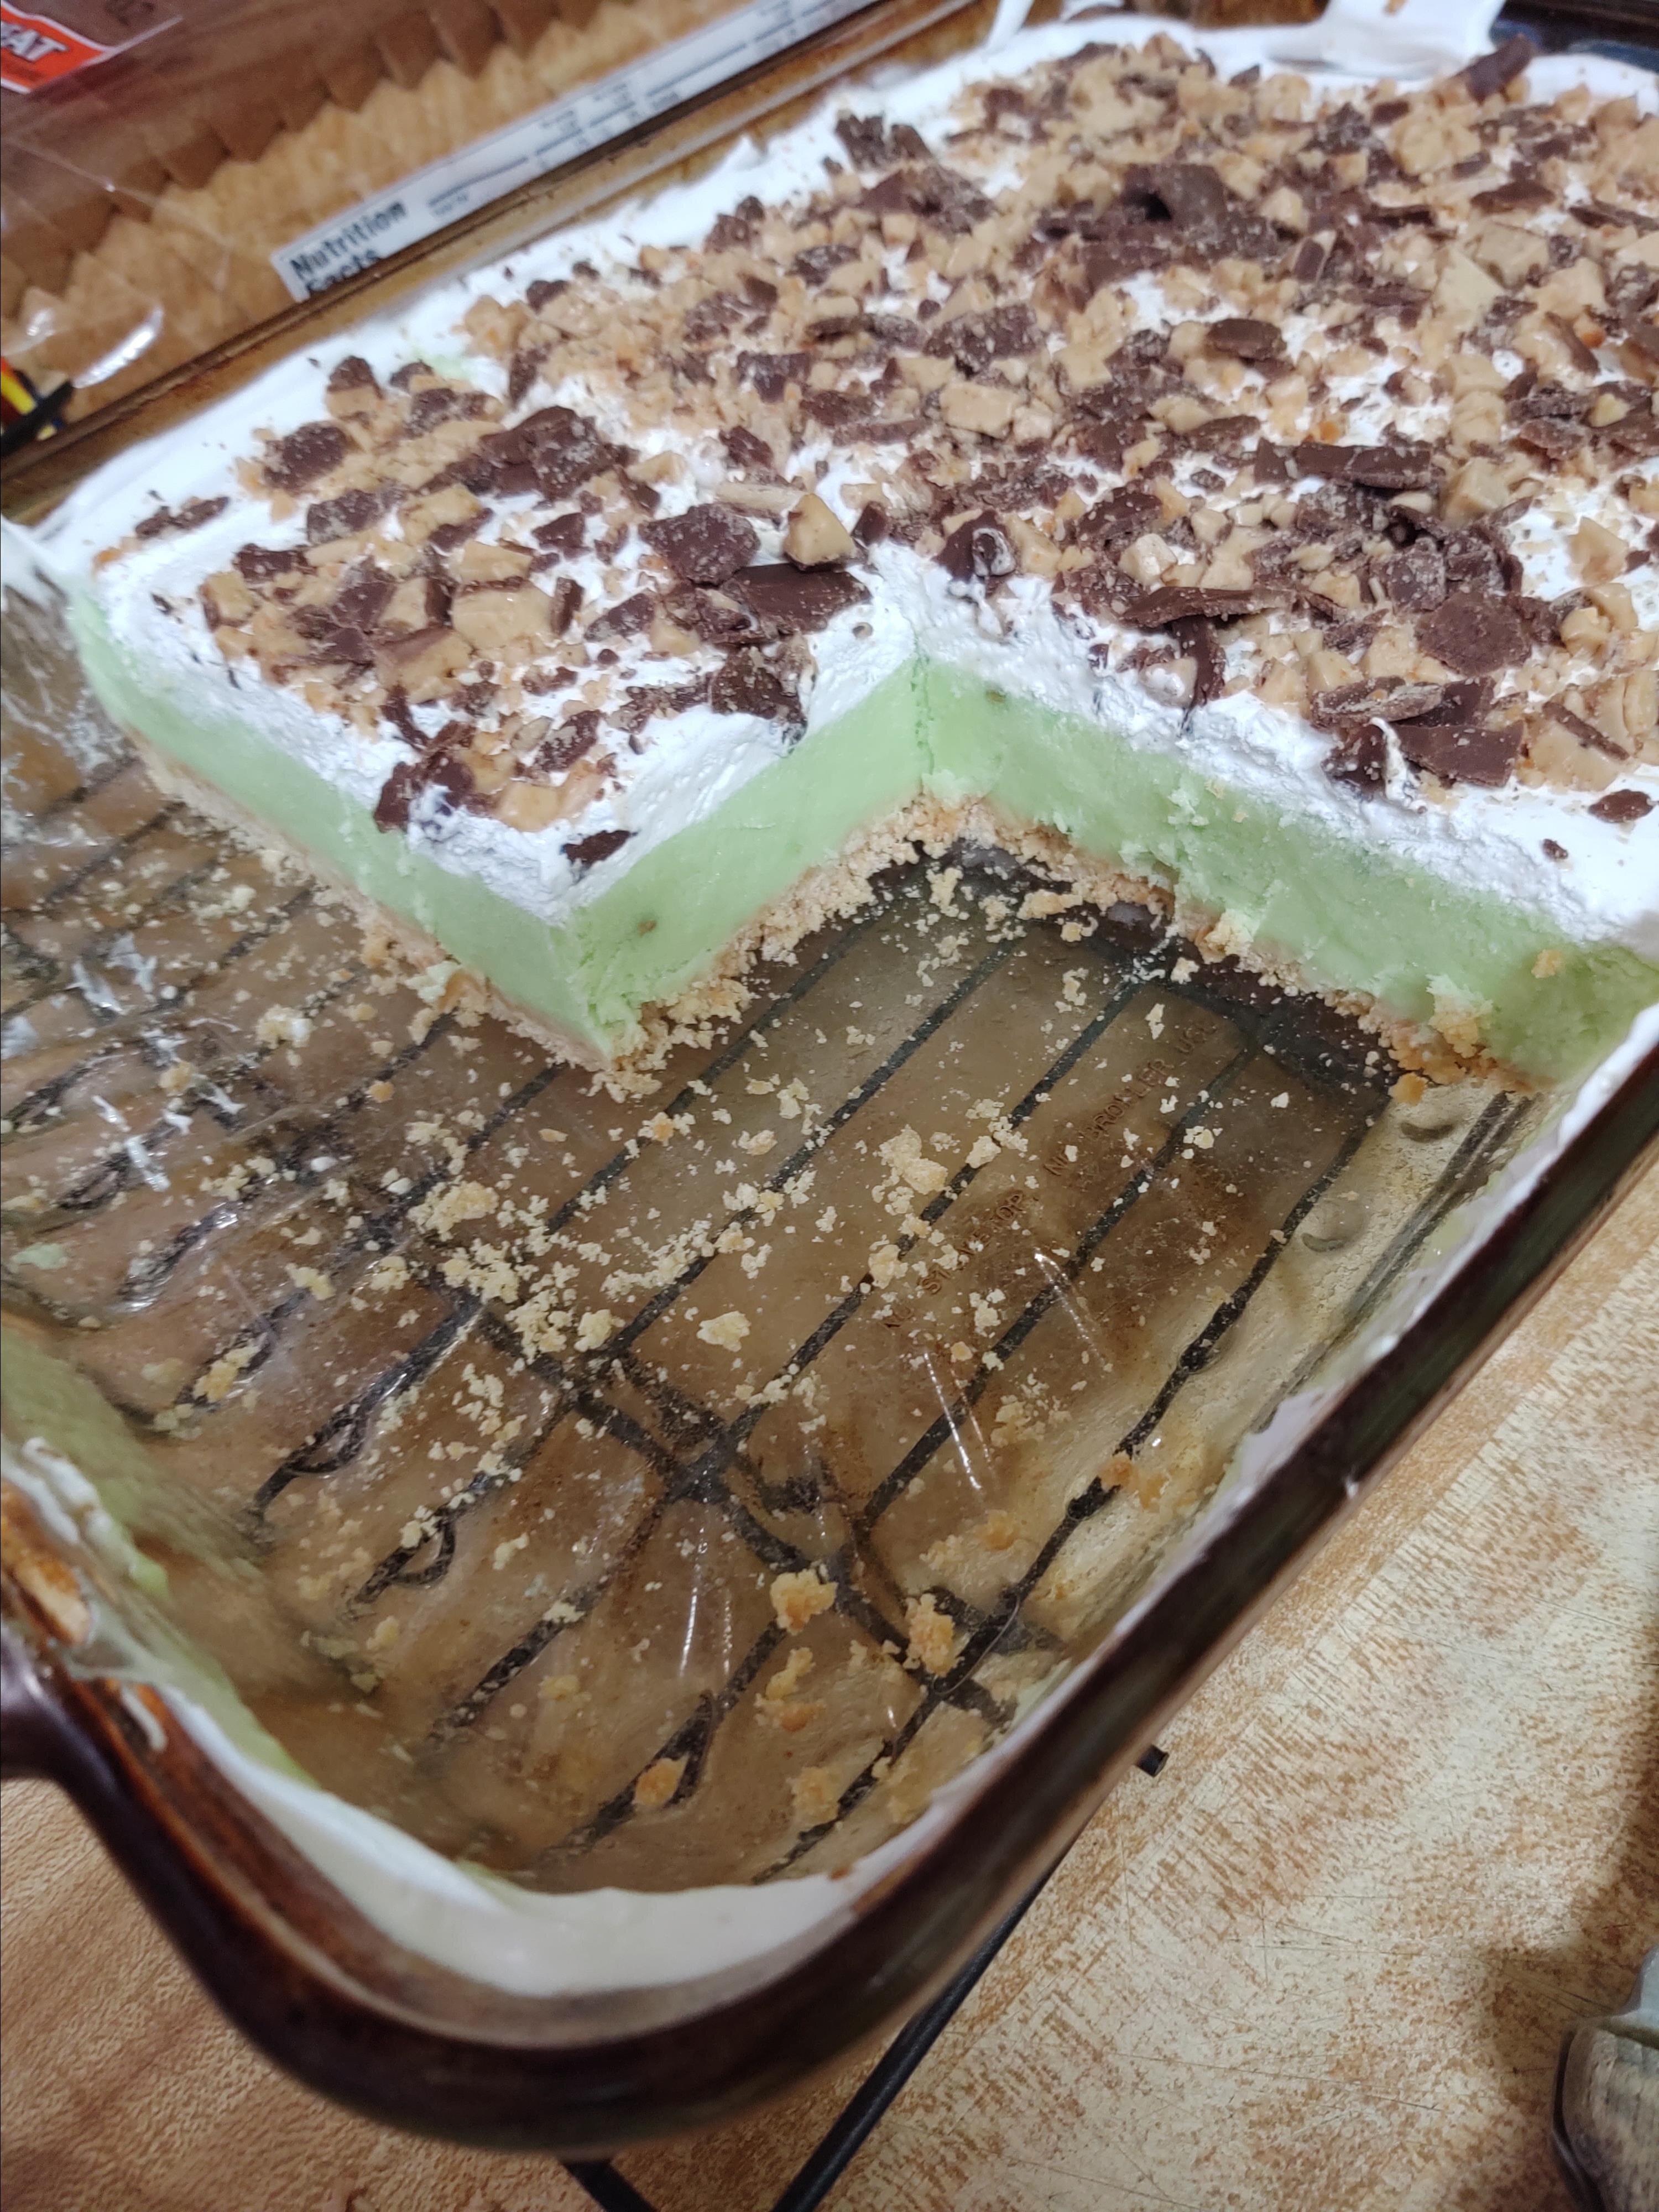 pistachio ice cream dessert recipe